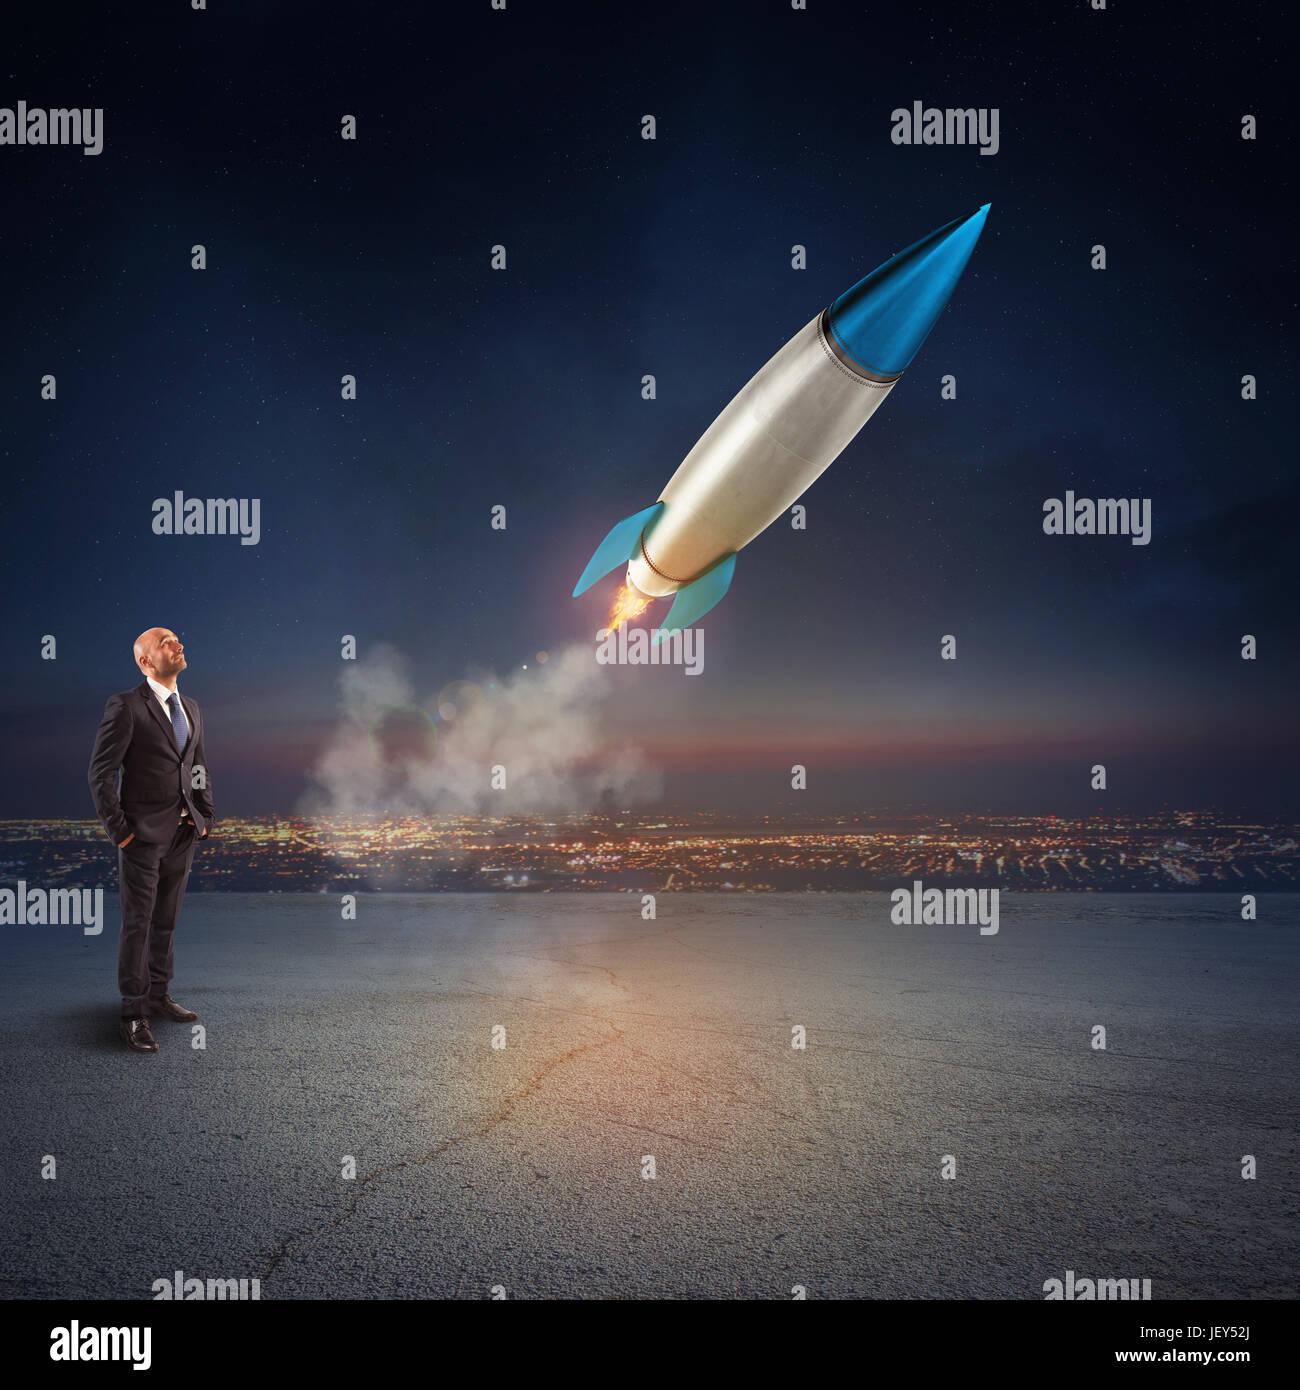 Imprenditore sembra iniziare un missile. Concetto di azienda e di avvio di nuovi affari. Il rendering 3D. Immagini Stock